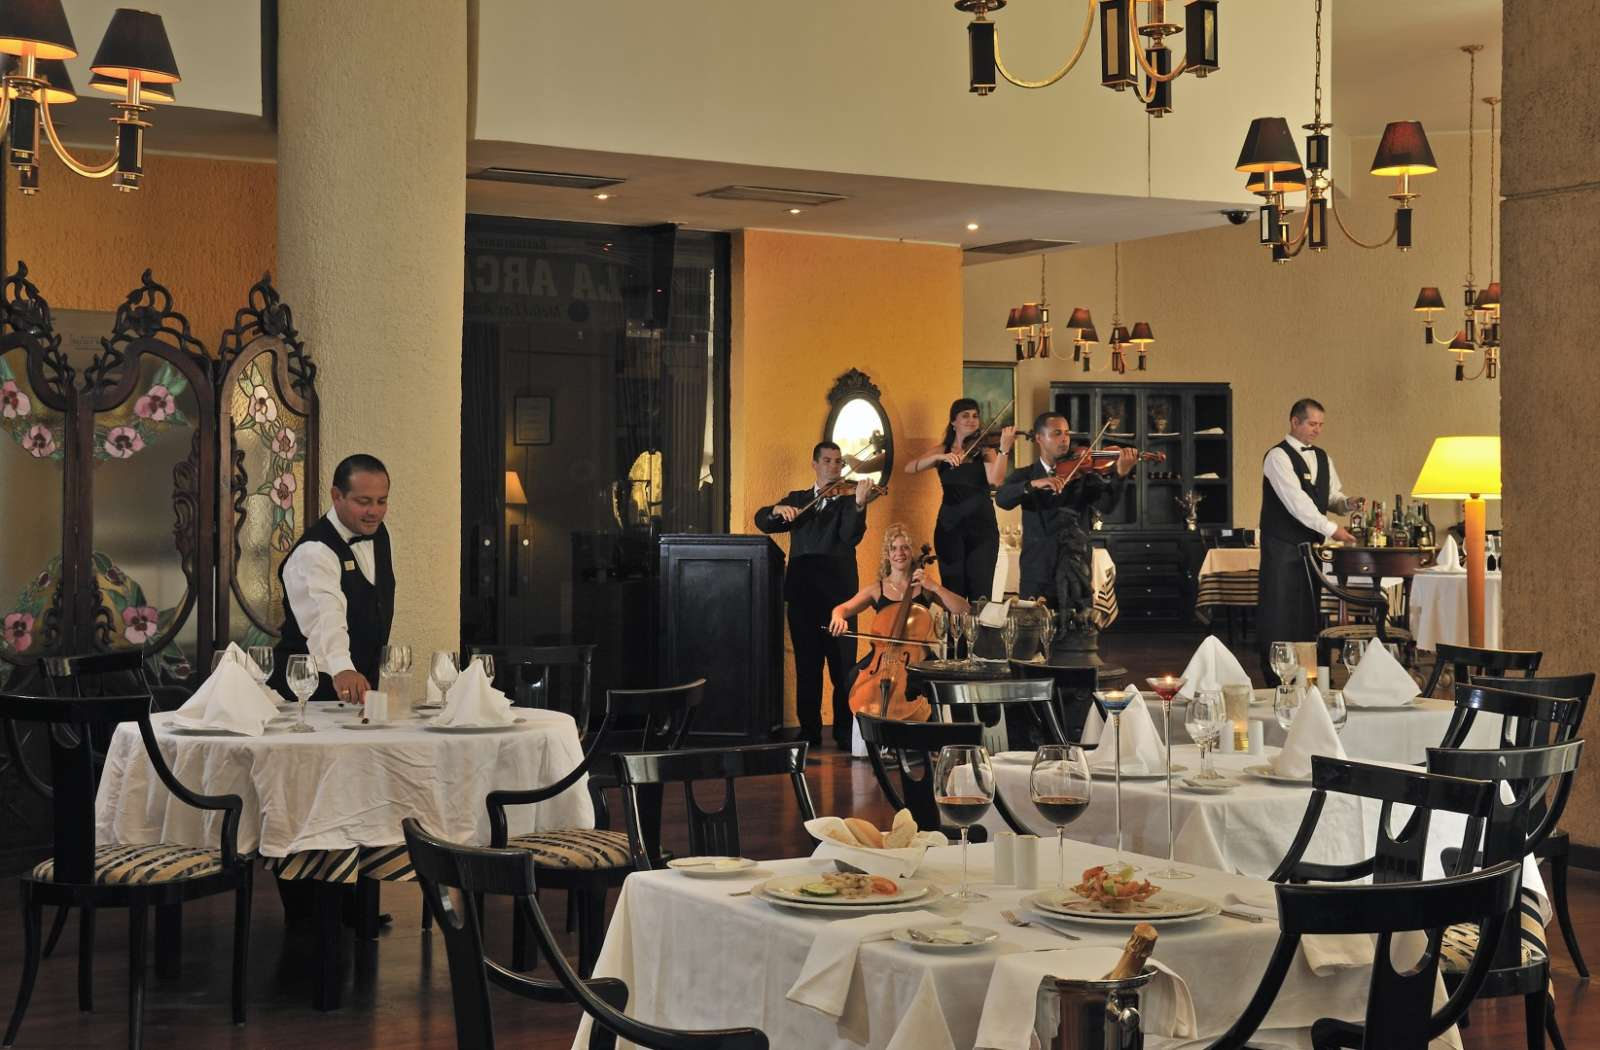 La Arcada Restaurant at Melia Las Americas